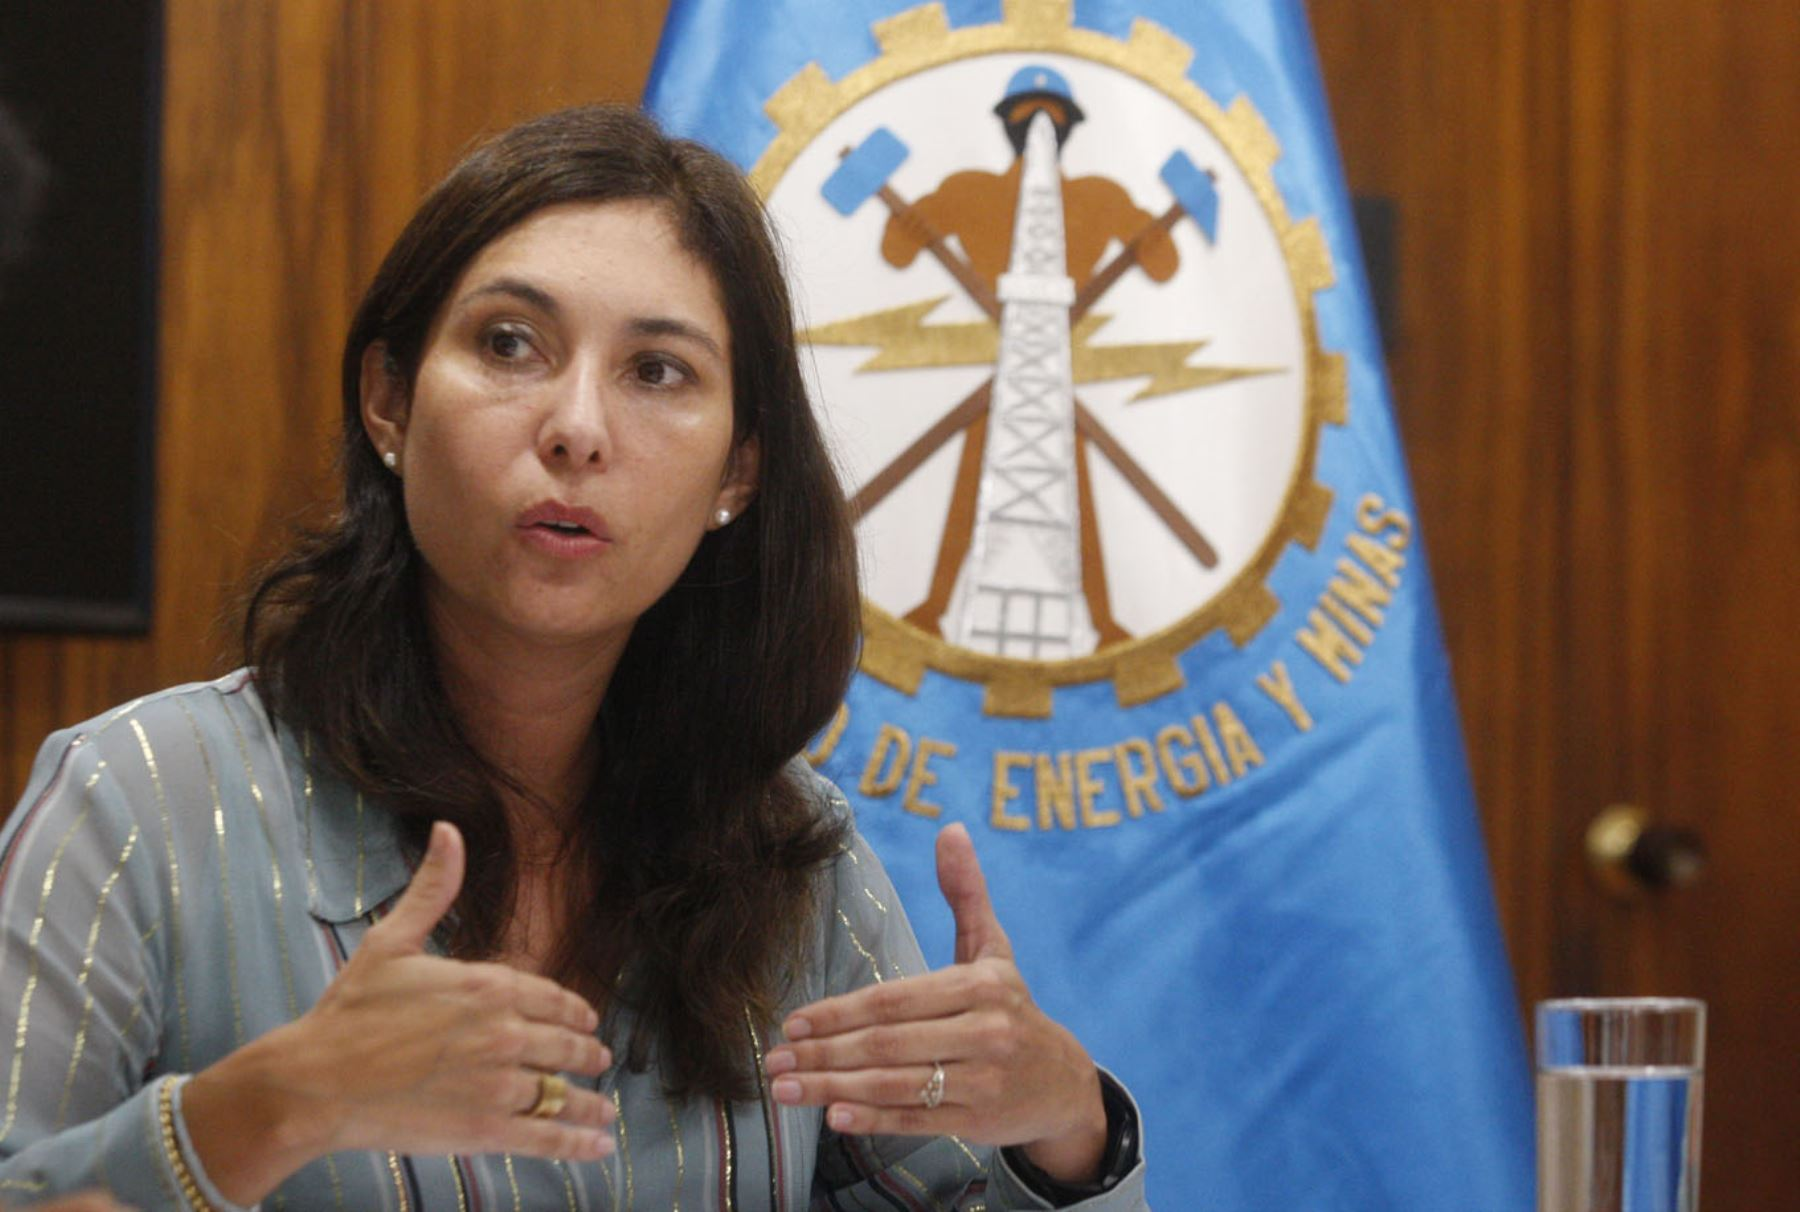 Ministra de Energía y Minas, Ángela Grossheim. ANDINA/Eddy Ramos